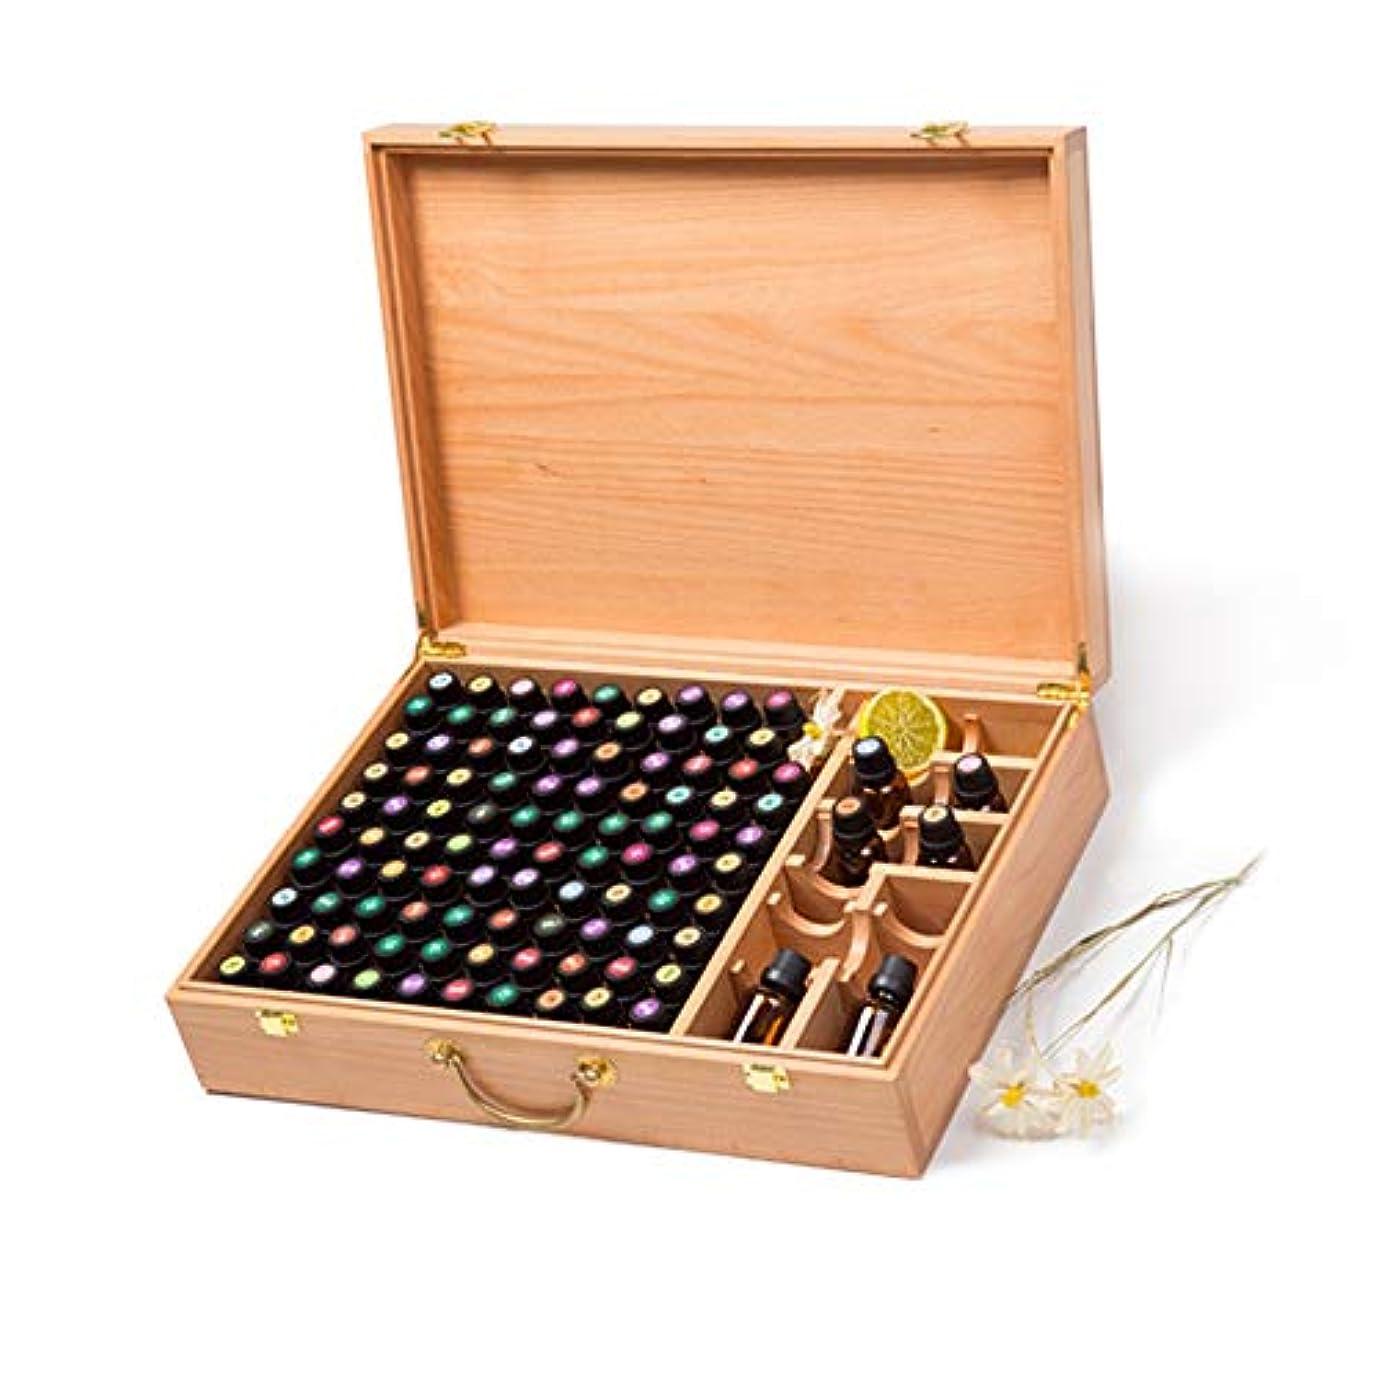 大事にする超越する下るエッセンシャルオイルボックス ハンドル100手作りの木製のエッセンシャルオイルの収納ボックスとパーフェクトオイルカートン アロマセラピー収納ボックス (色 : Natural, サイズ : 44X31.5X10.5CM)